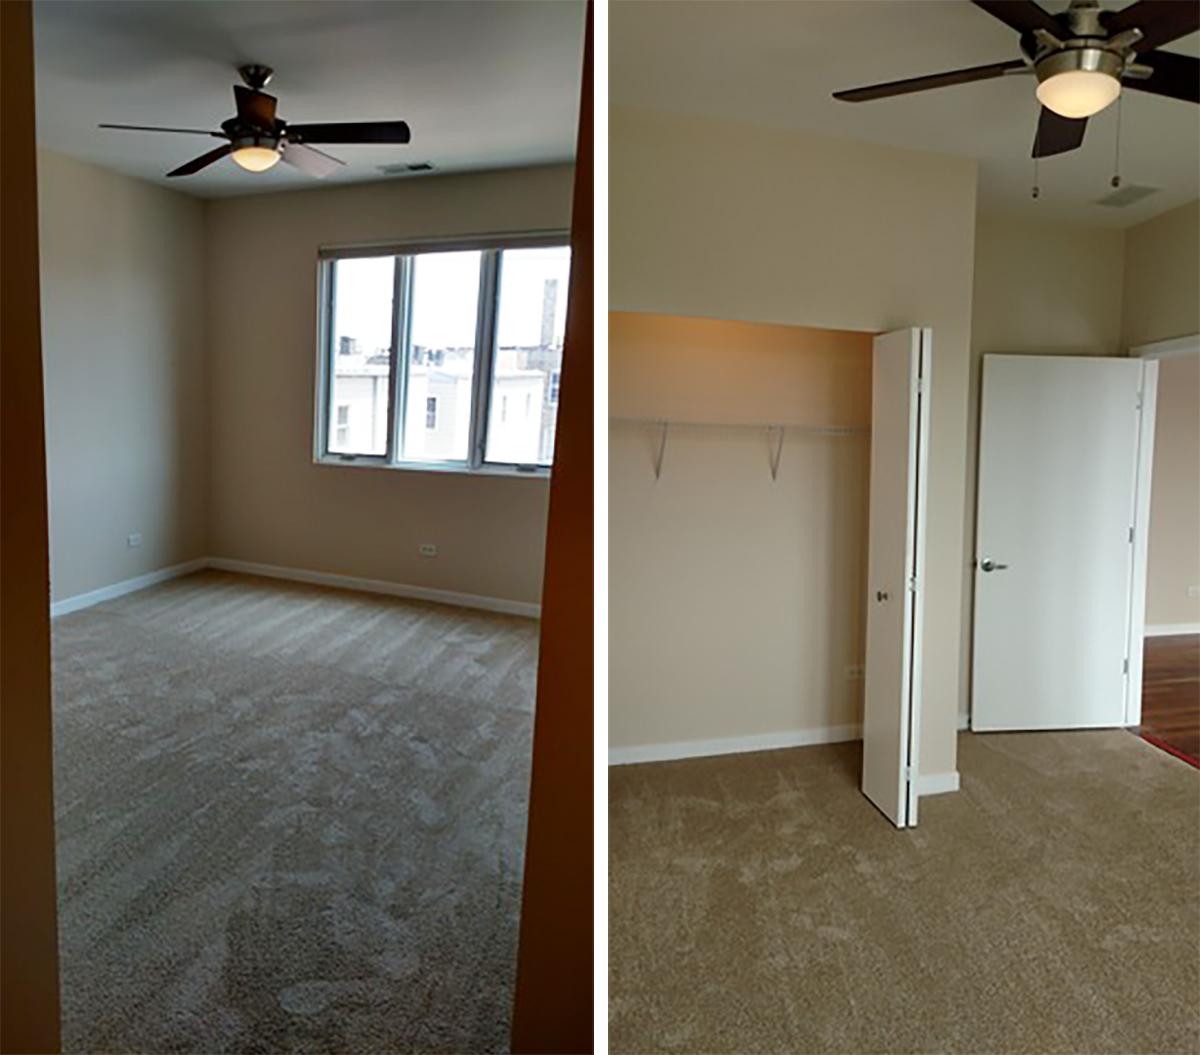 3021 Armitage bedrooms before.jpg